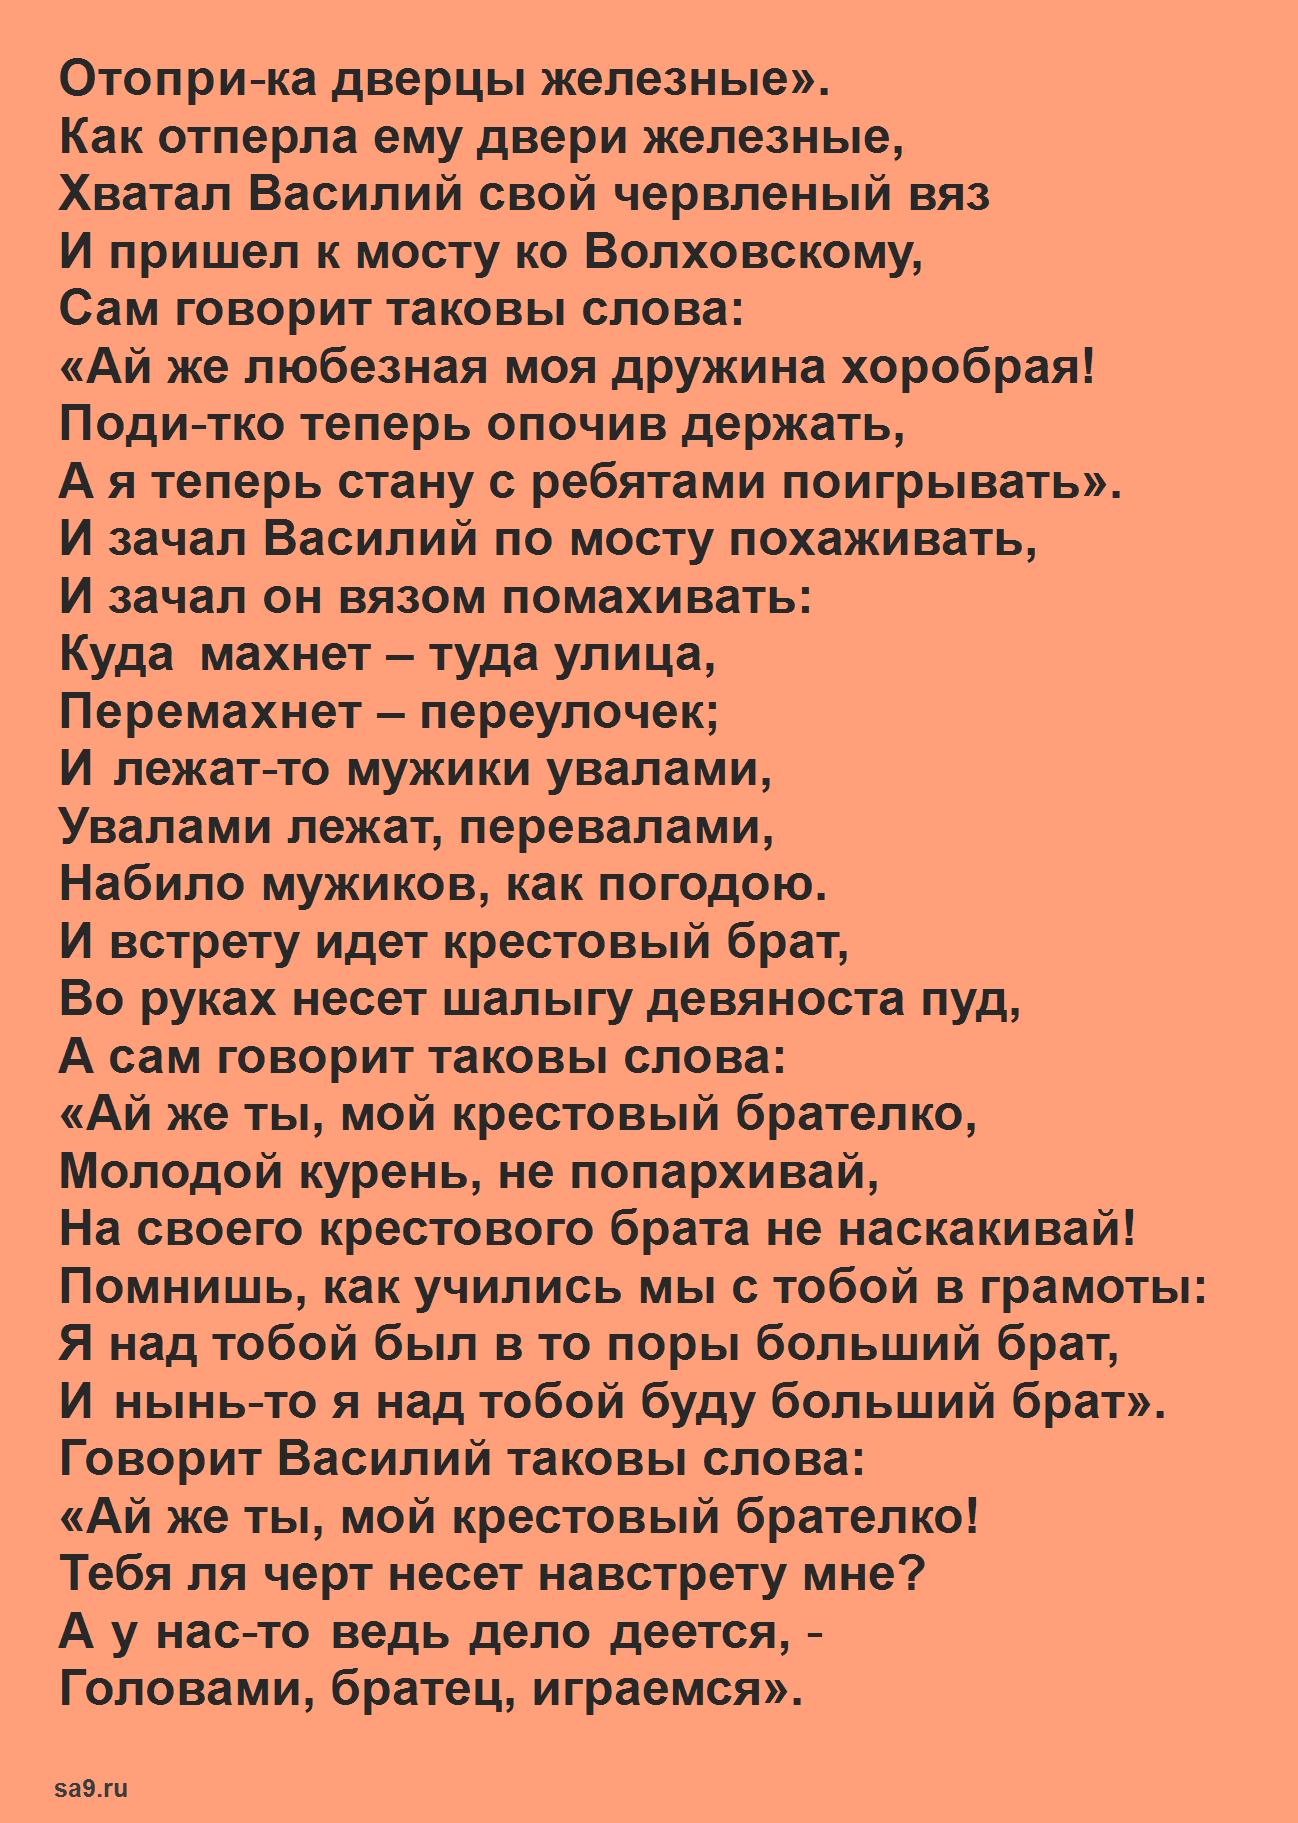 Читать былину - Василий Буслаев и Новгородцы, полностью бесплатно